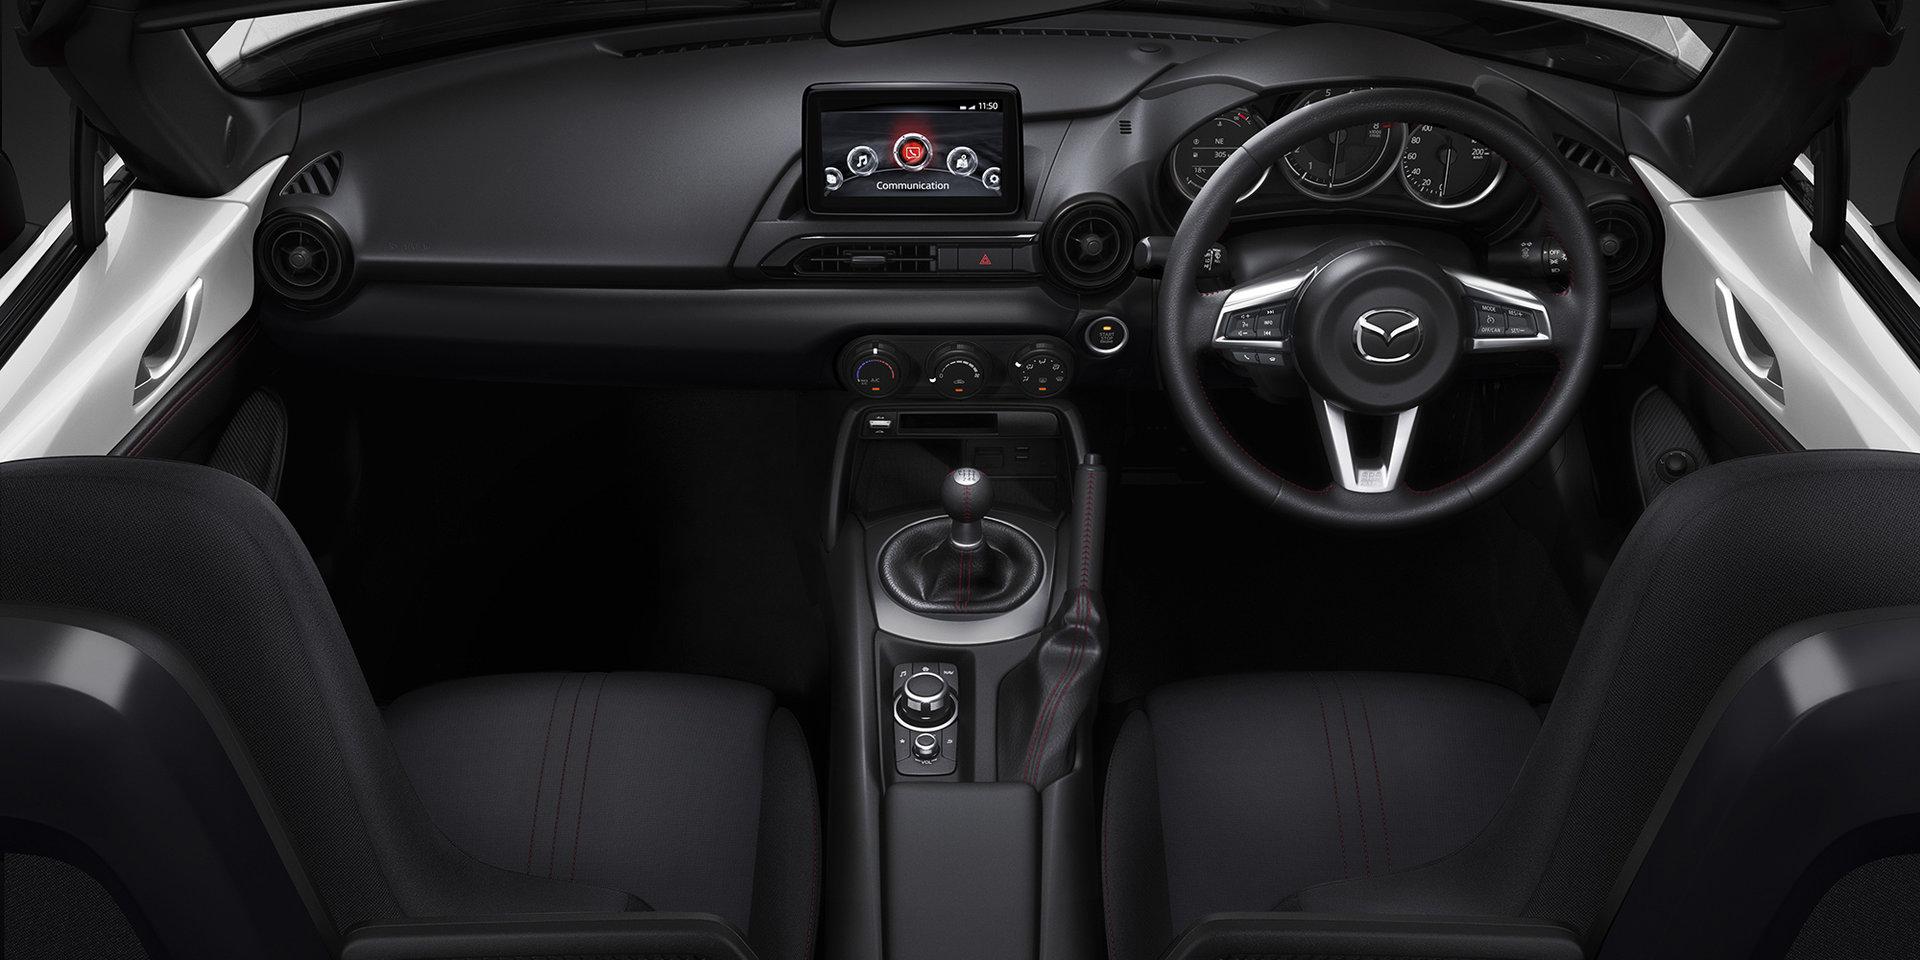 Цены были увеличены от 100 до 33,440 долларов плюс доставкп для начального уровня 1,5-литрового Roadster, в то время как обновления модели GT стоят на 1320 долларов дороже, чем раньше. Увеличение было компенсировано обновлениями, такими как улучшенны